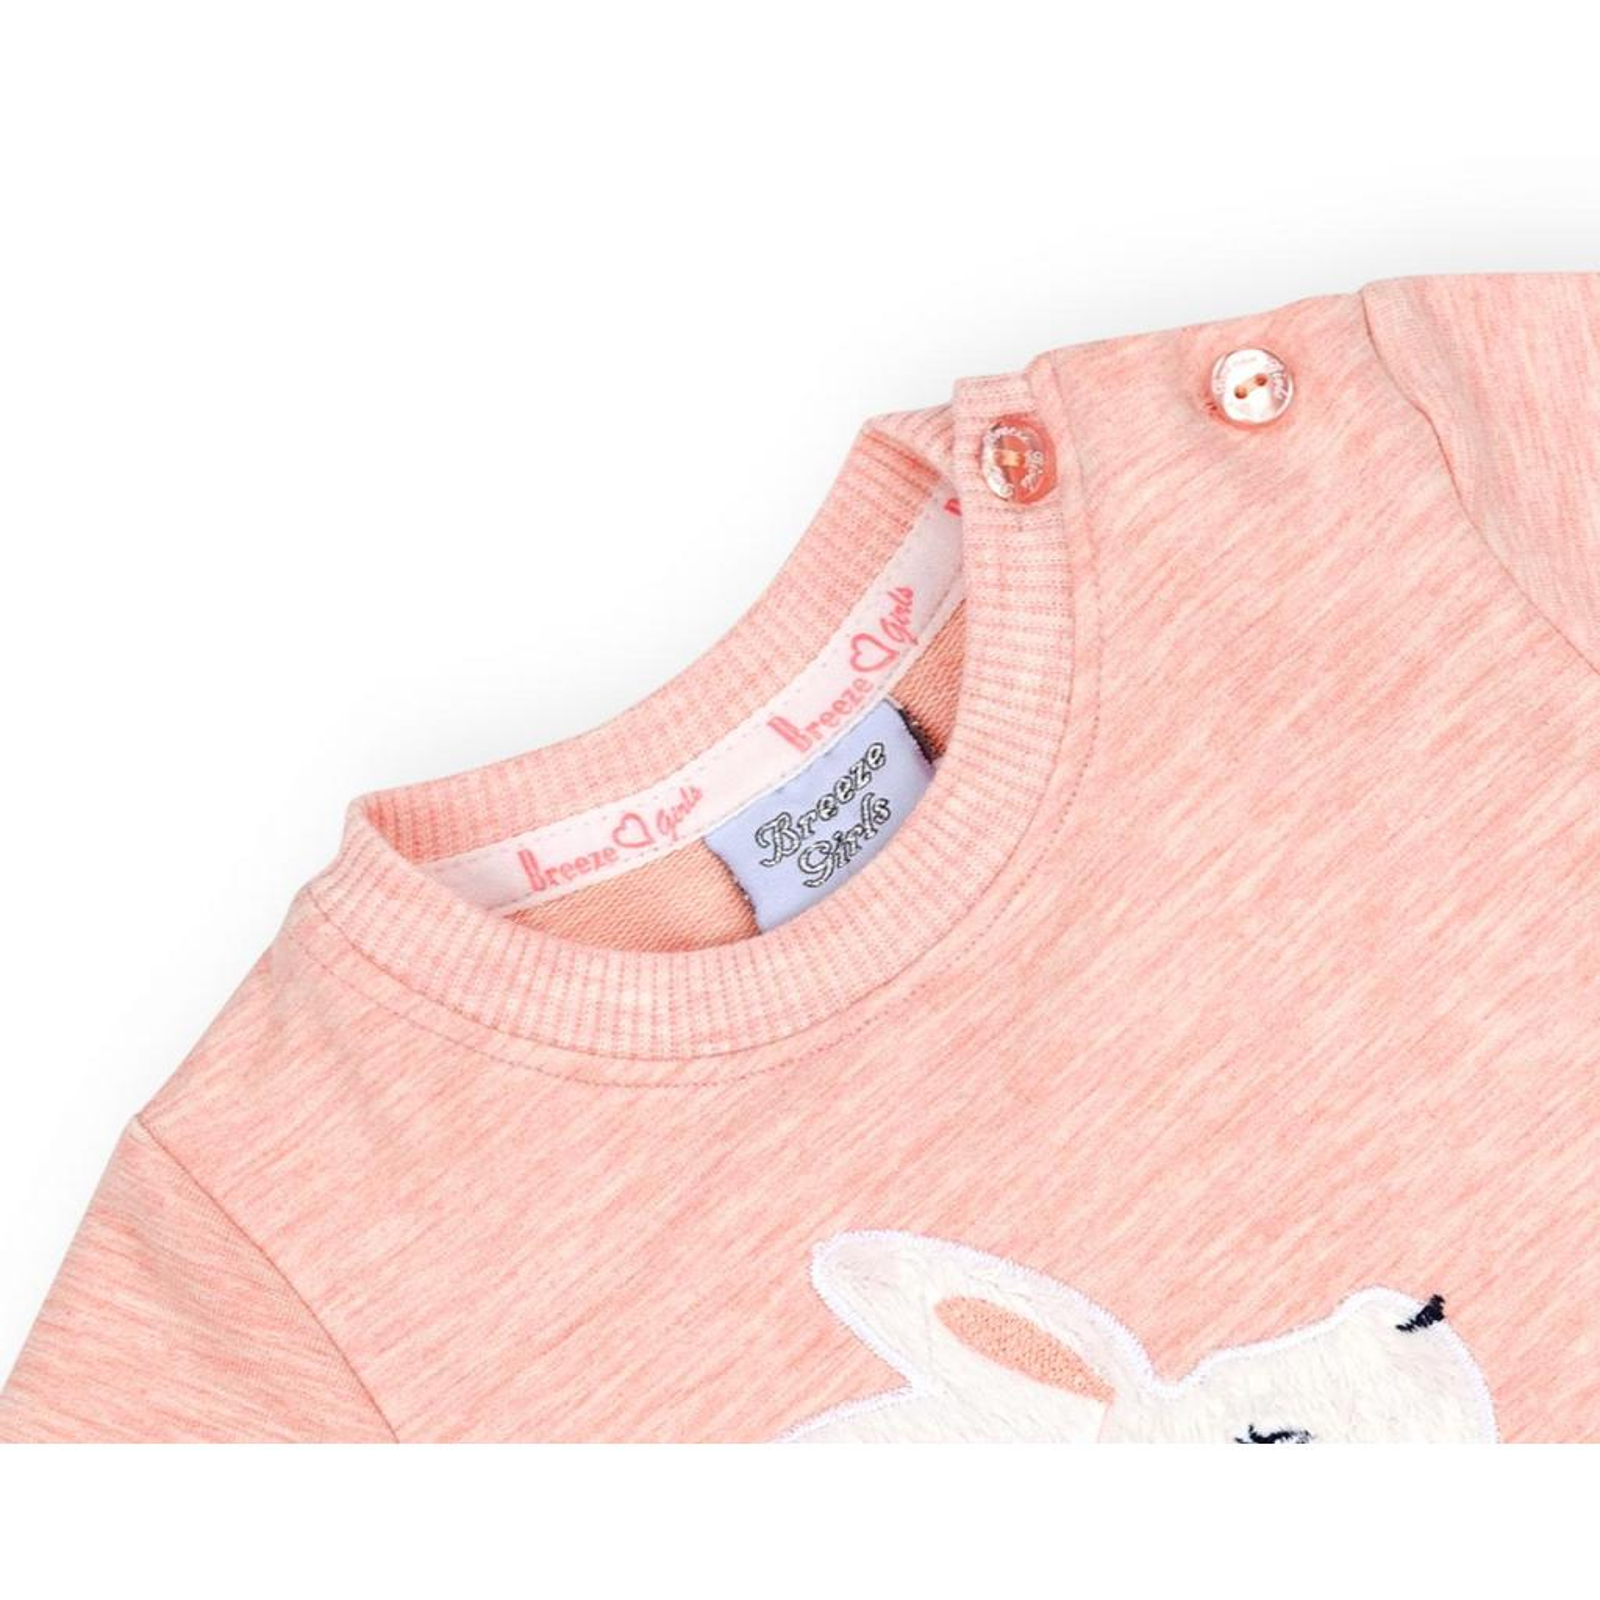 Набор детской одежды Breeze с зайчиками (10214-98G-peach) изображение 7